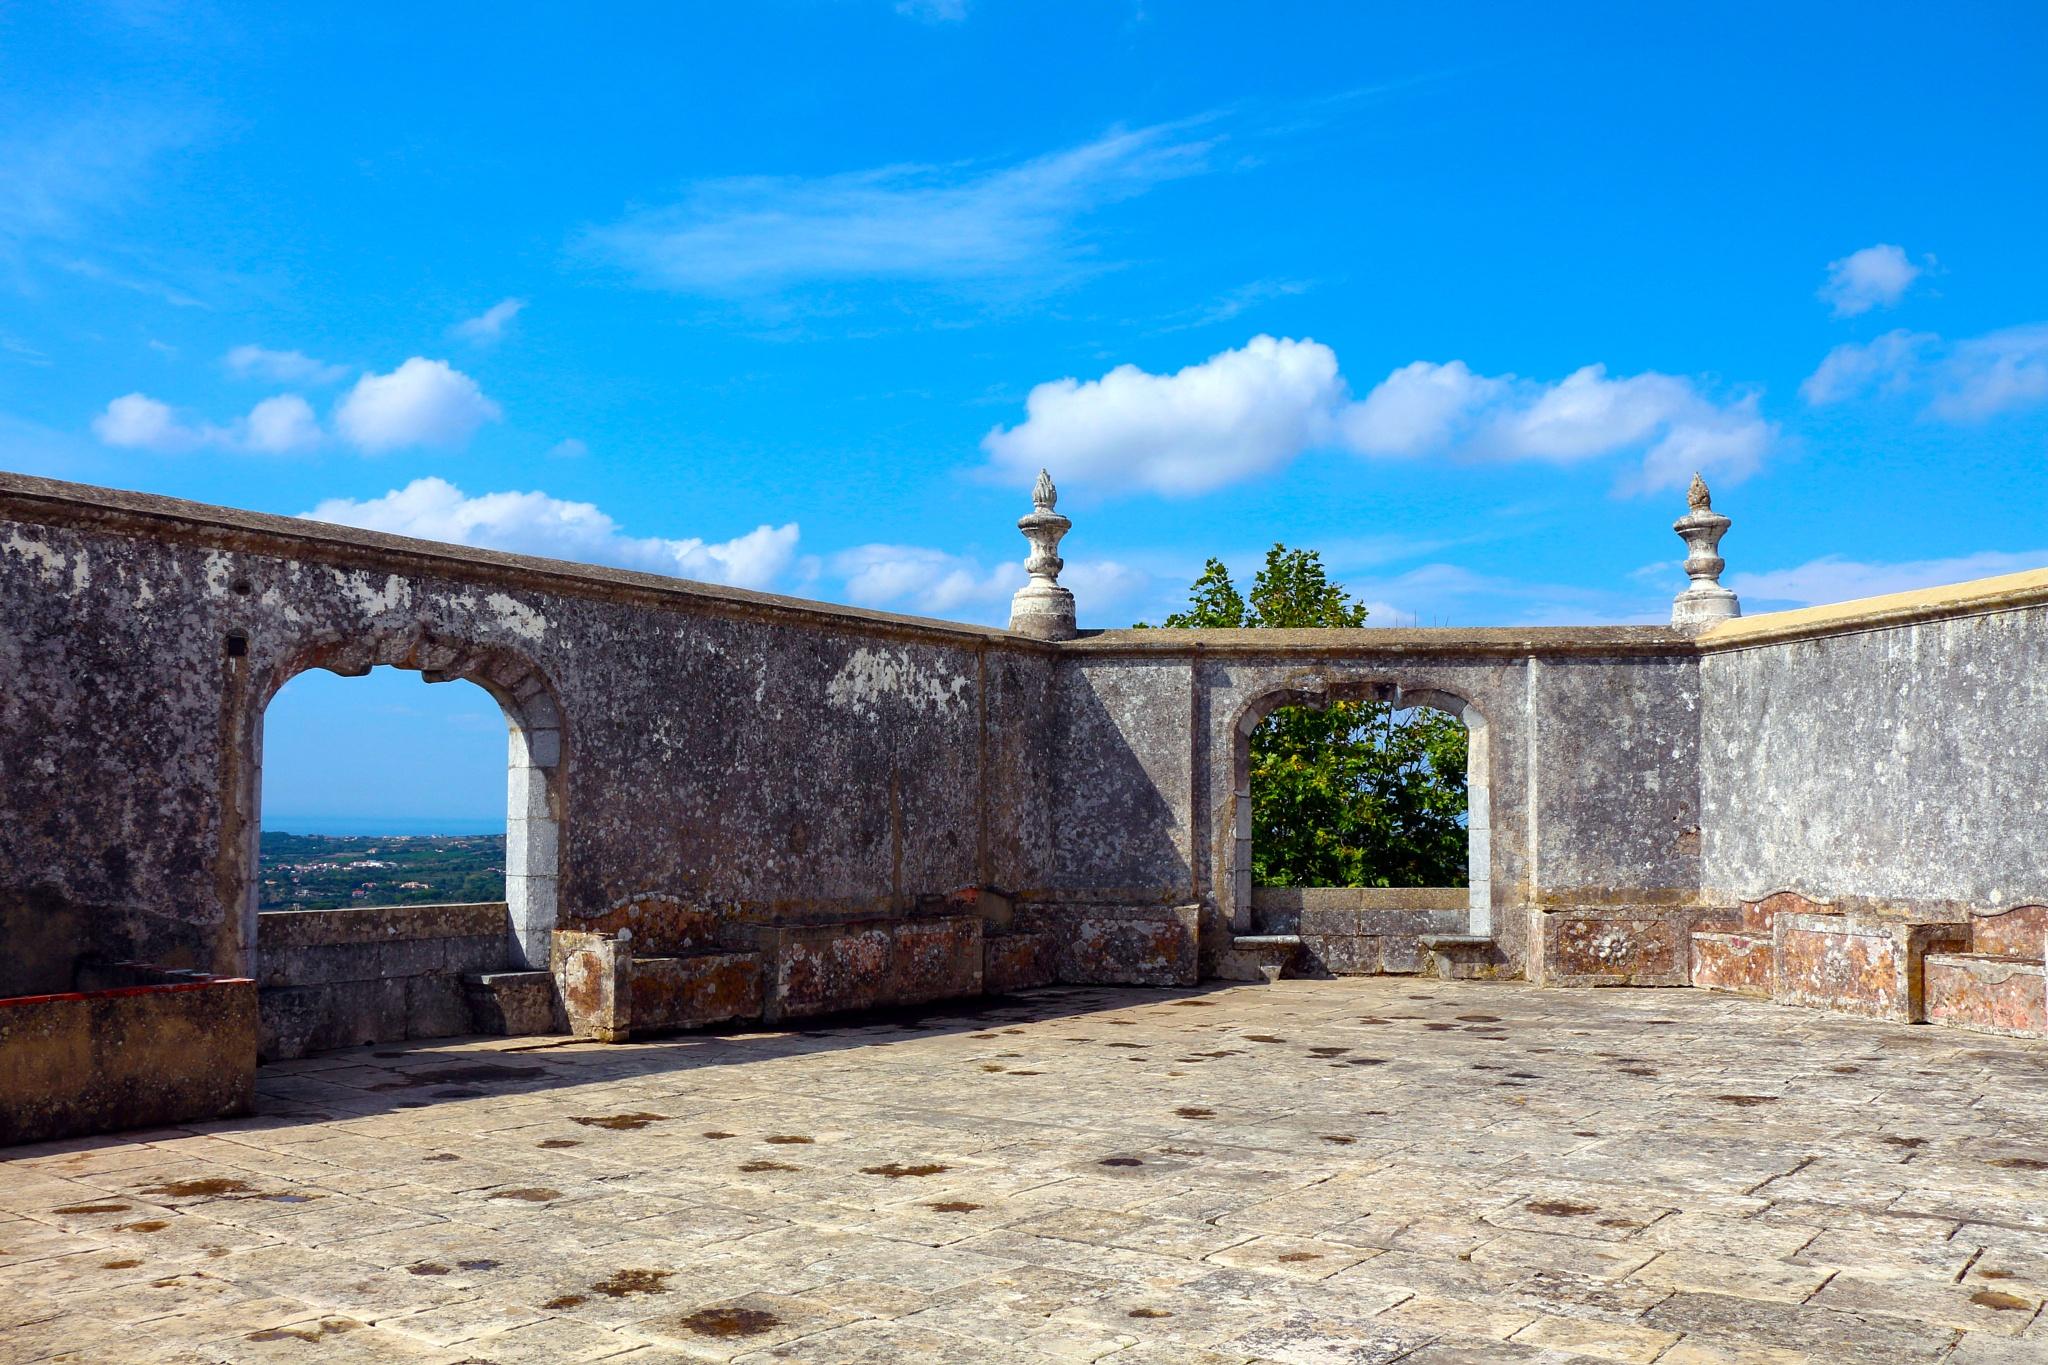 Pátio do Palácio Nacional de Sintra by BrandHaus